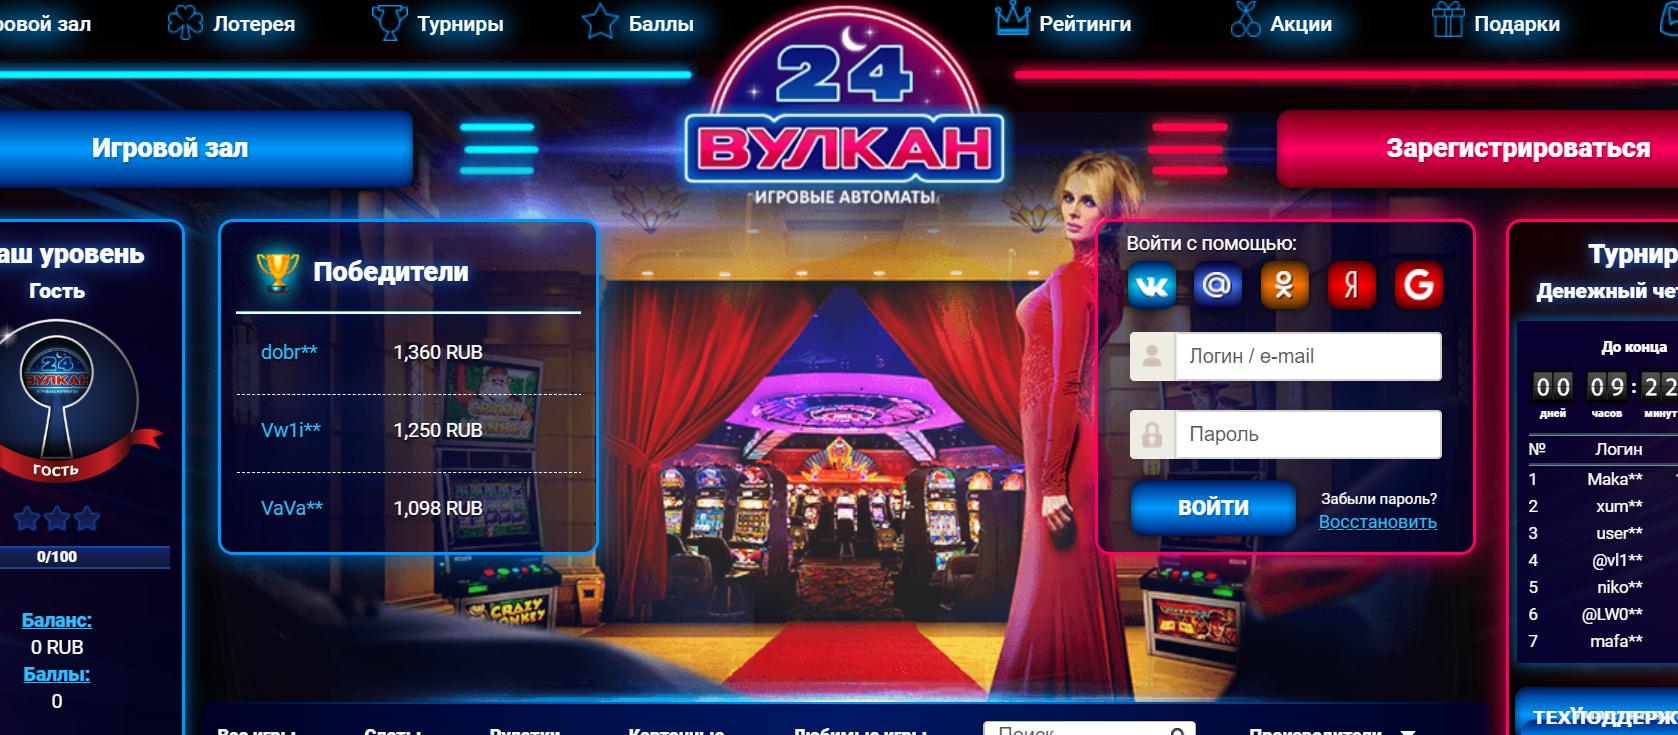 Бонусы онлайн-казино Вулкан 24 — ваш шанс начать игру на средства выбранного вами зала